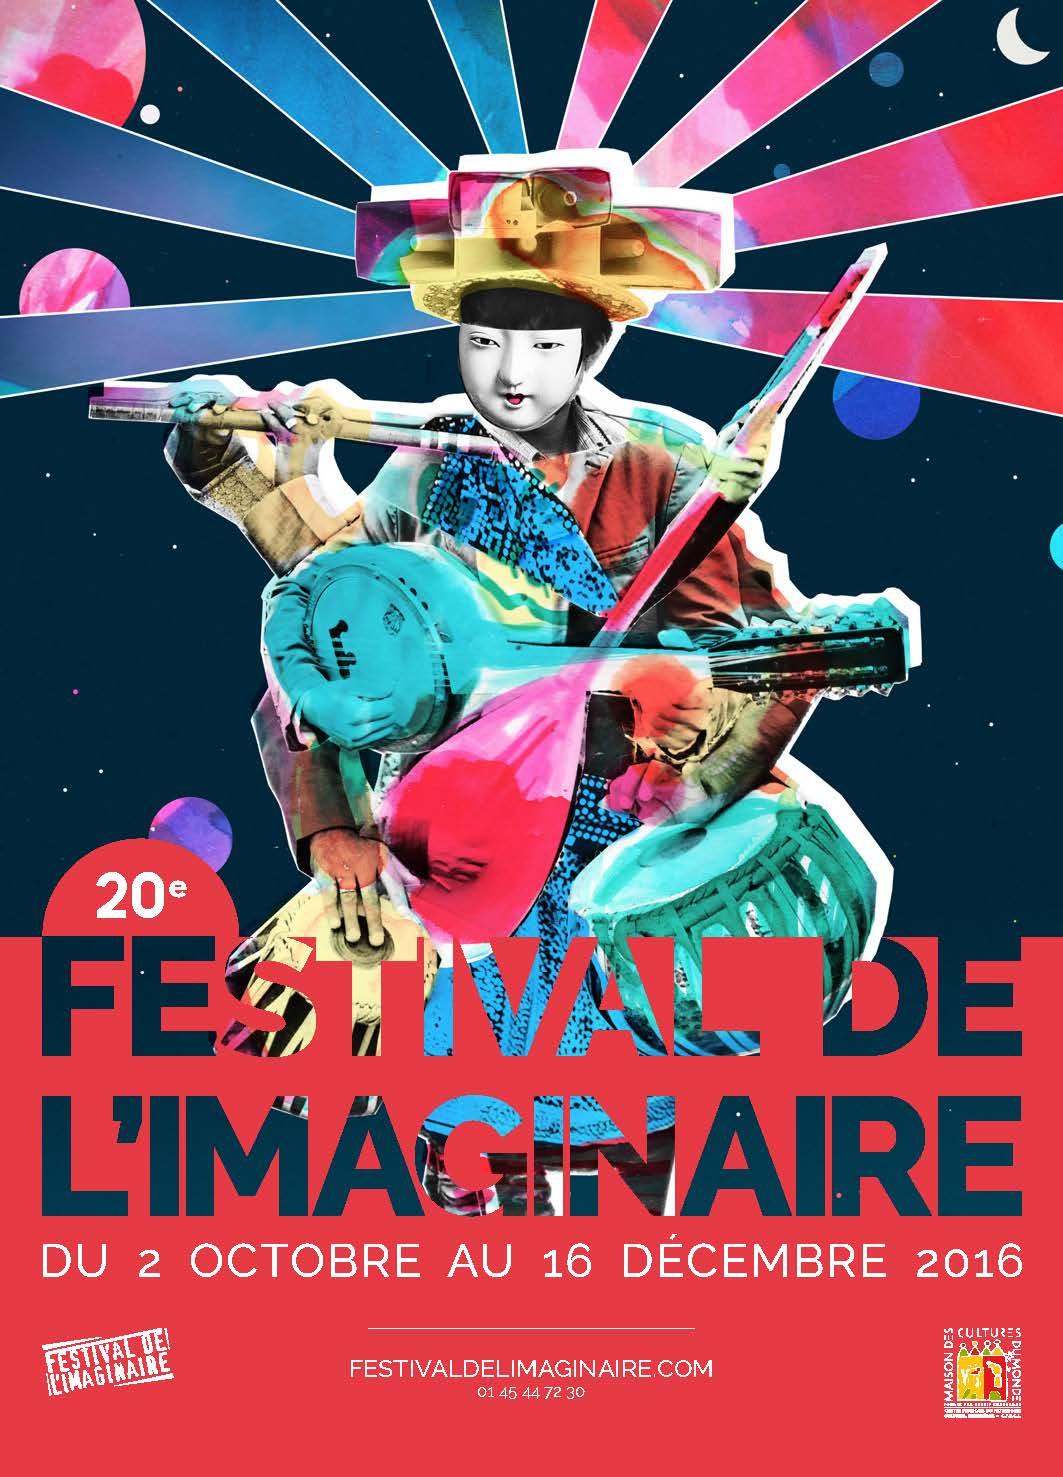 http://www.saphirnews.com/agenda/20e-Festival-de-l-Imaginaire-Chirine-Al-Ansari-Les-Mille-et-une-Nuits-spectacle-de-contes_ae413854.html